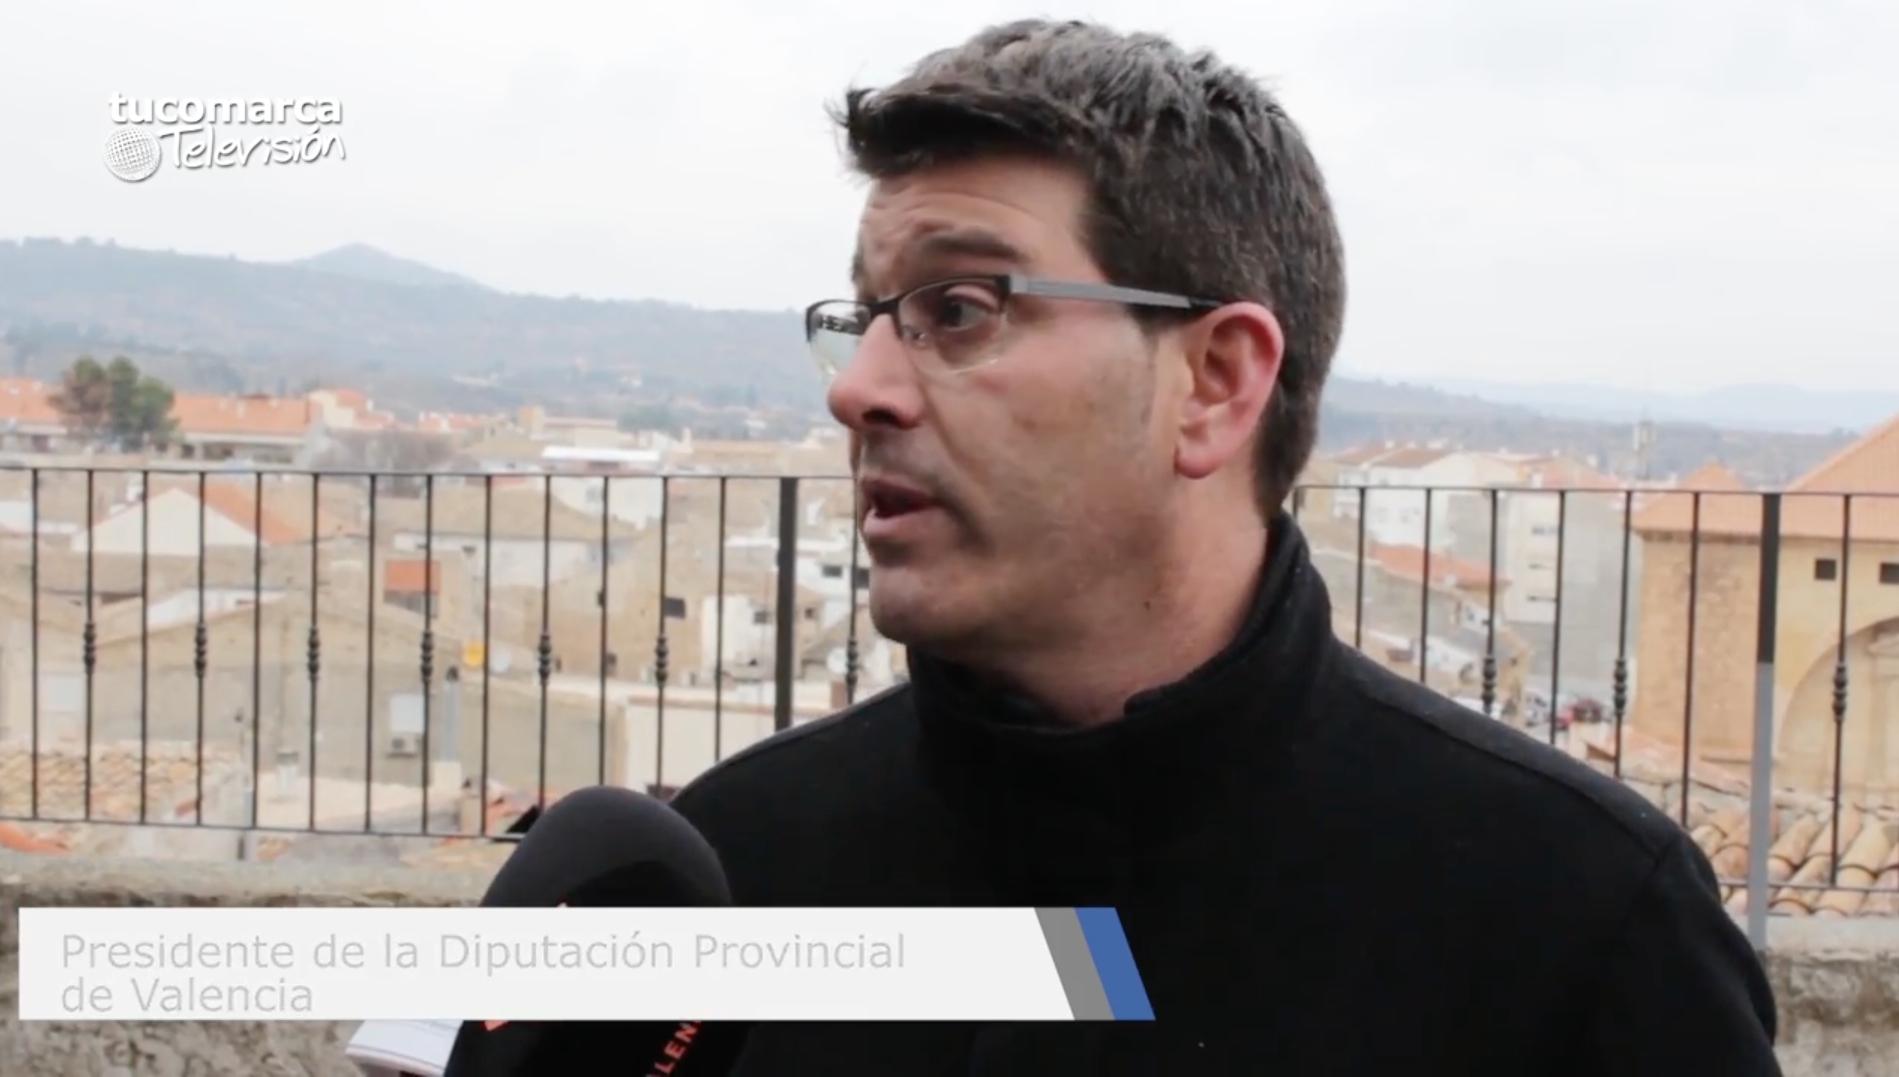 El presidente de la Diputaciò de València durante su visita al Valle de Ayora-Cofrentes. Pablo Vinat.